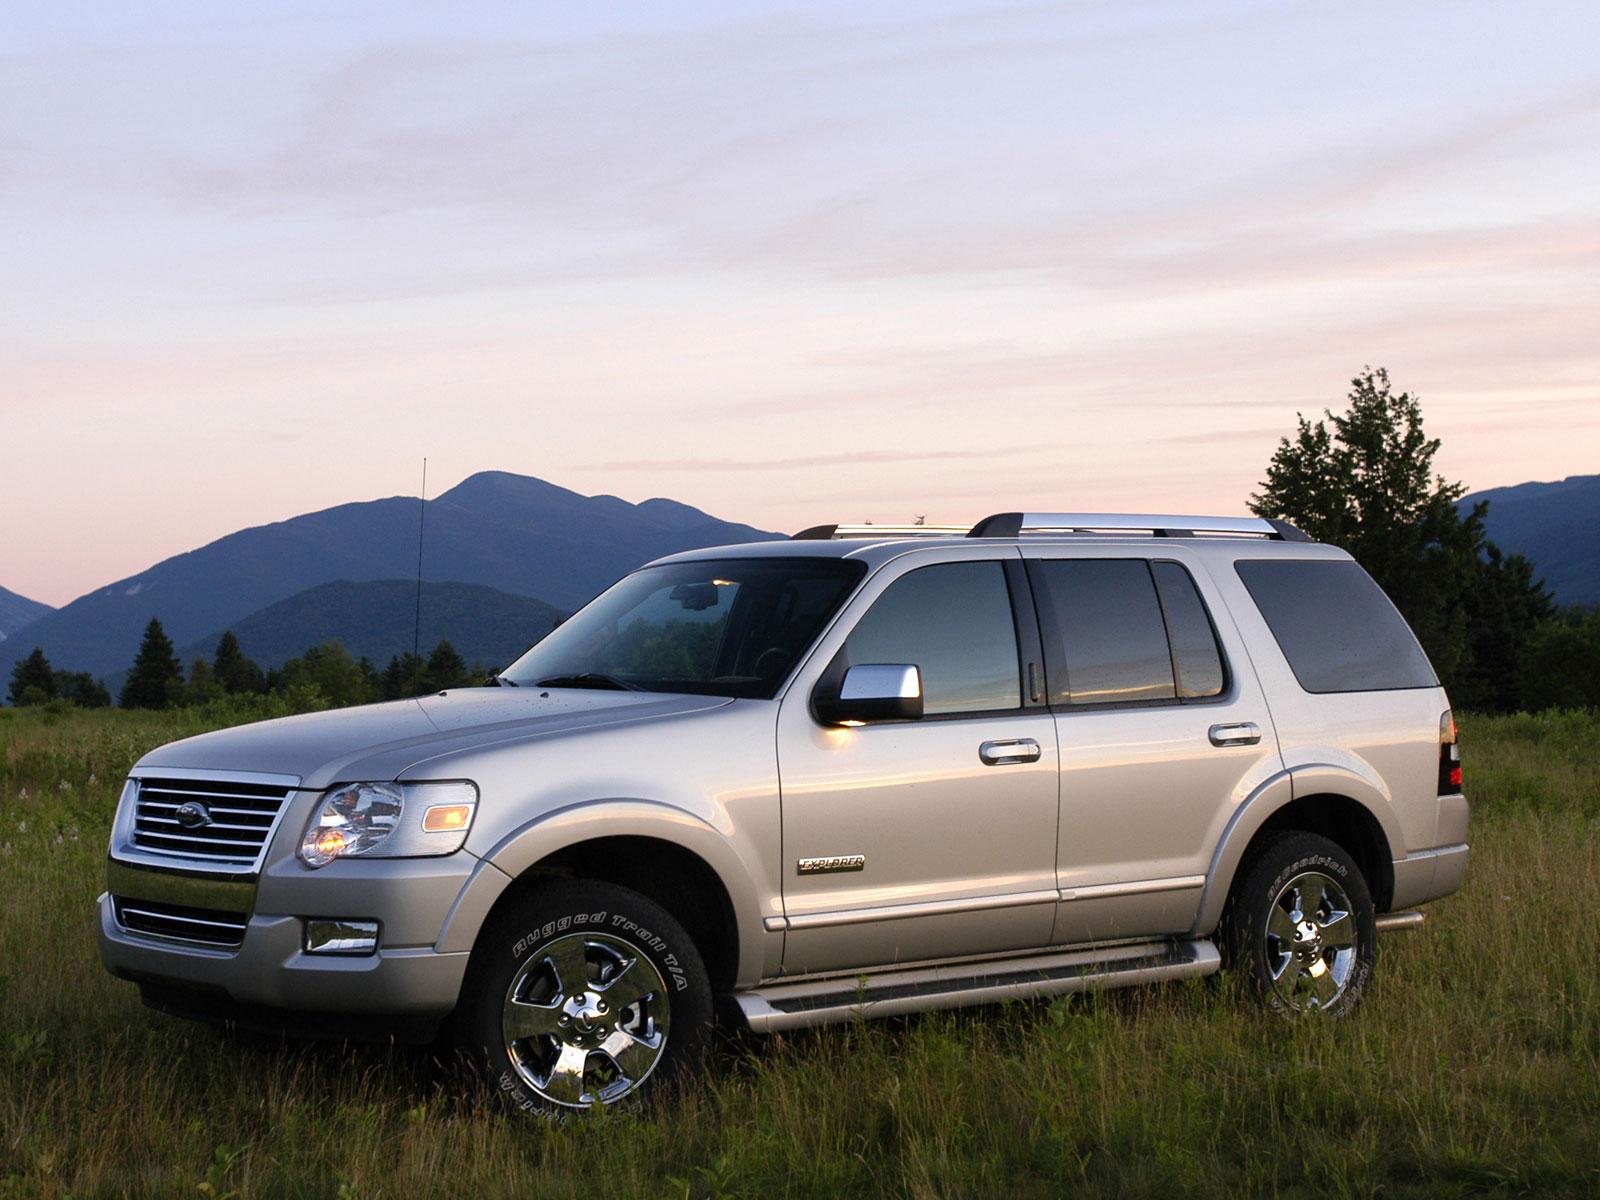 2006 Ford Explorer (c) Ford